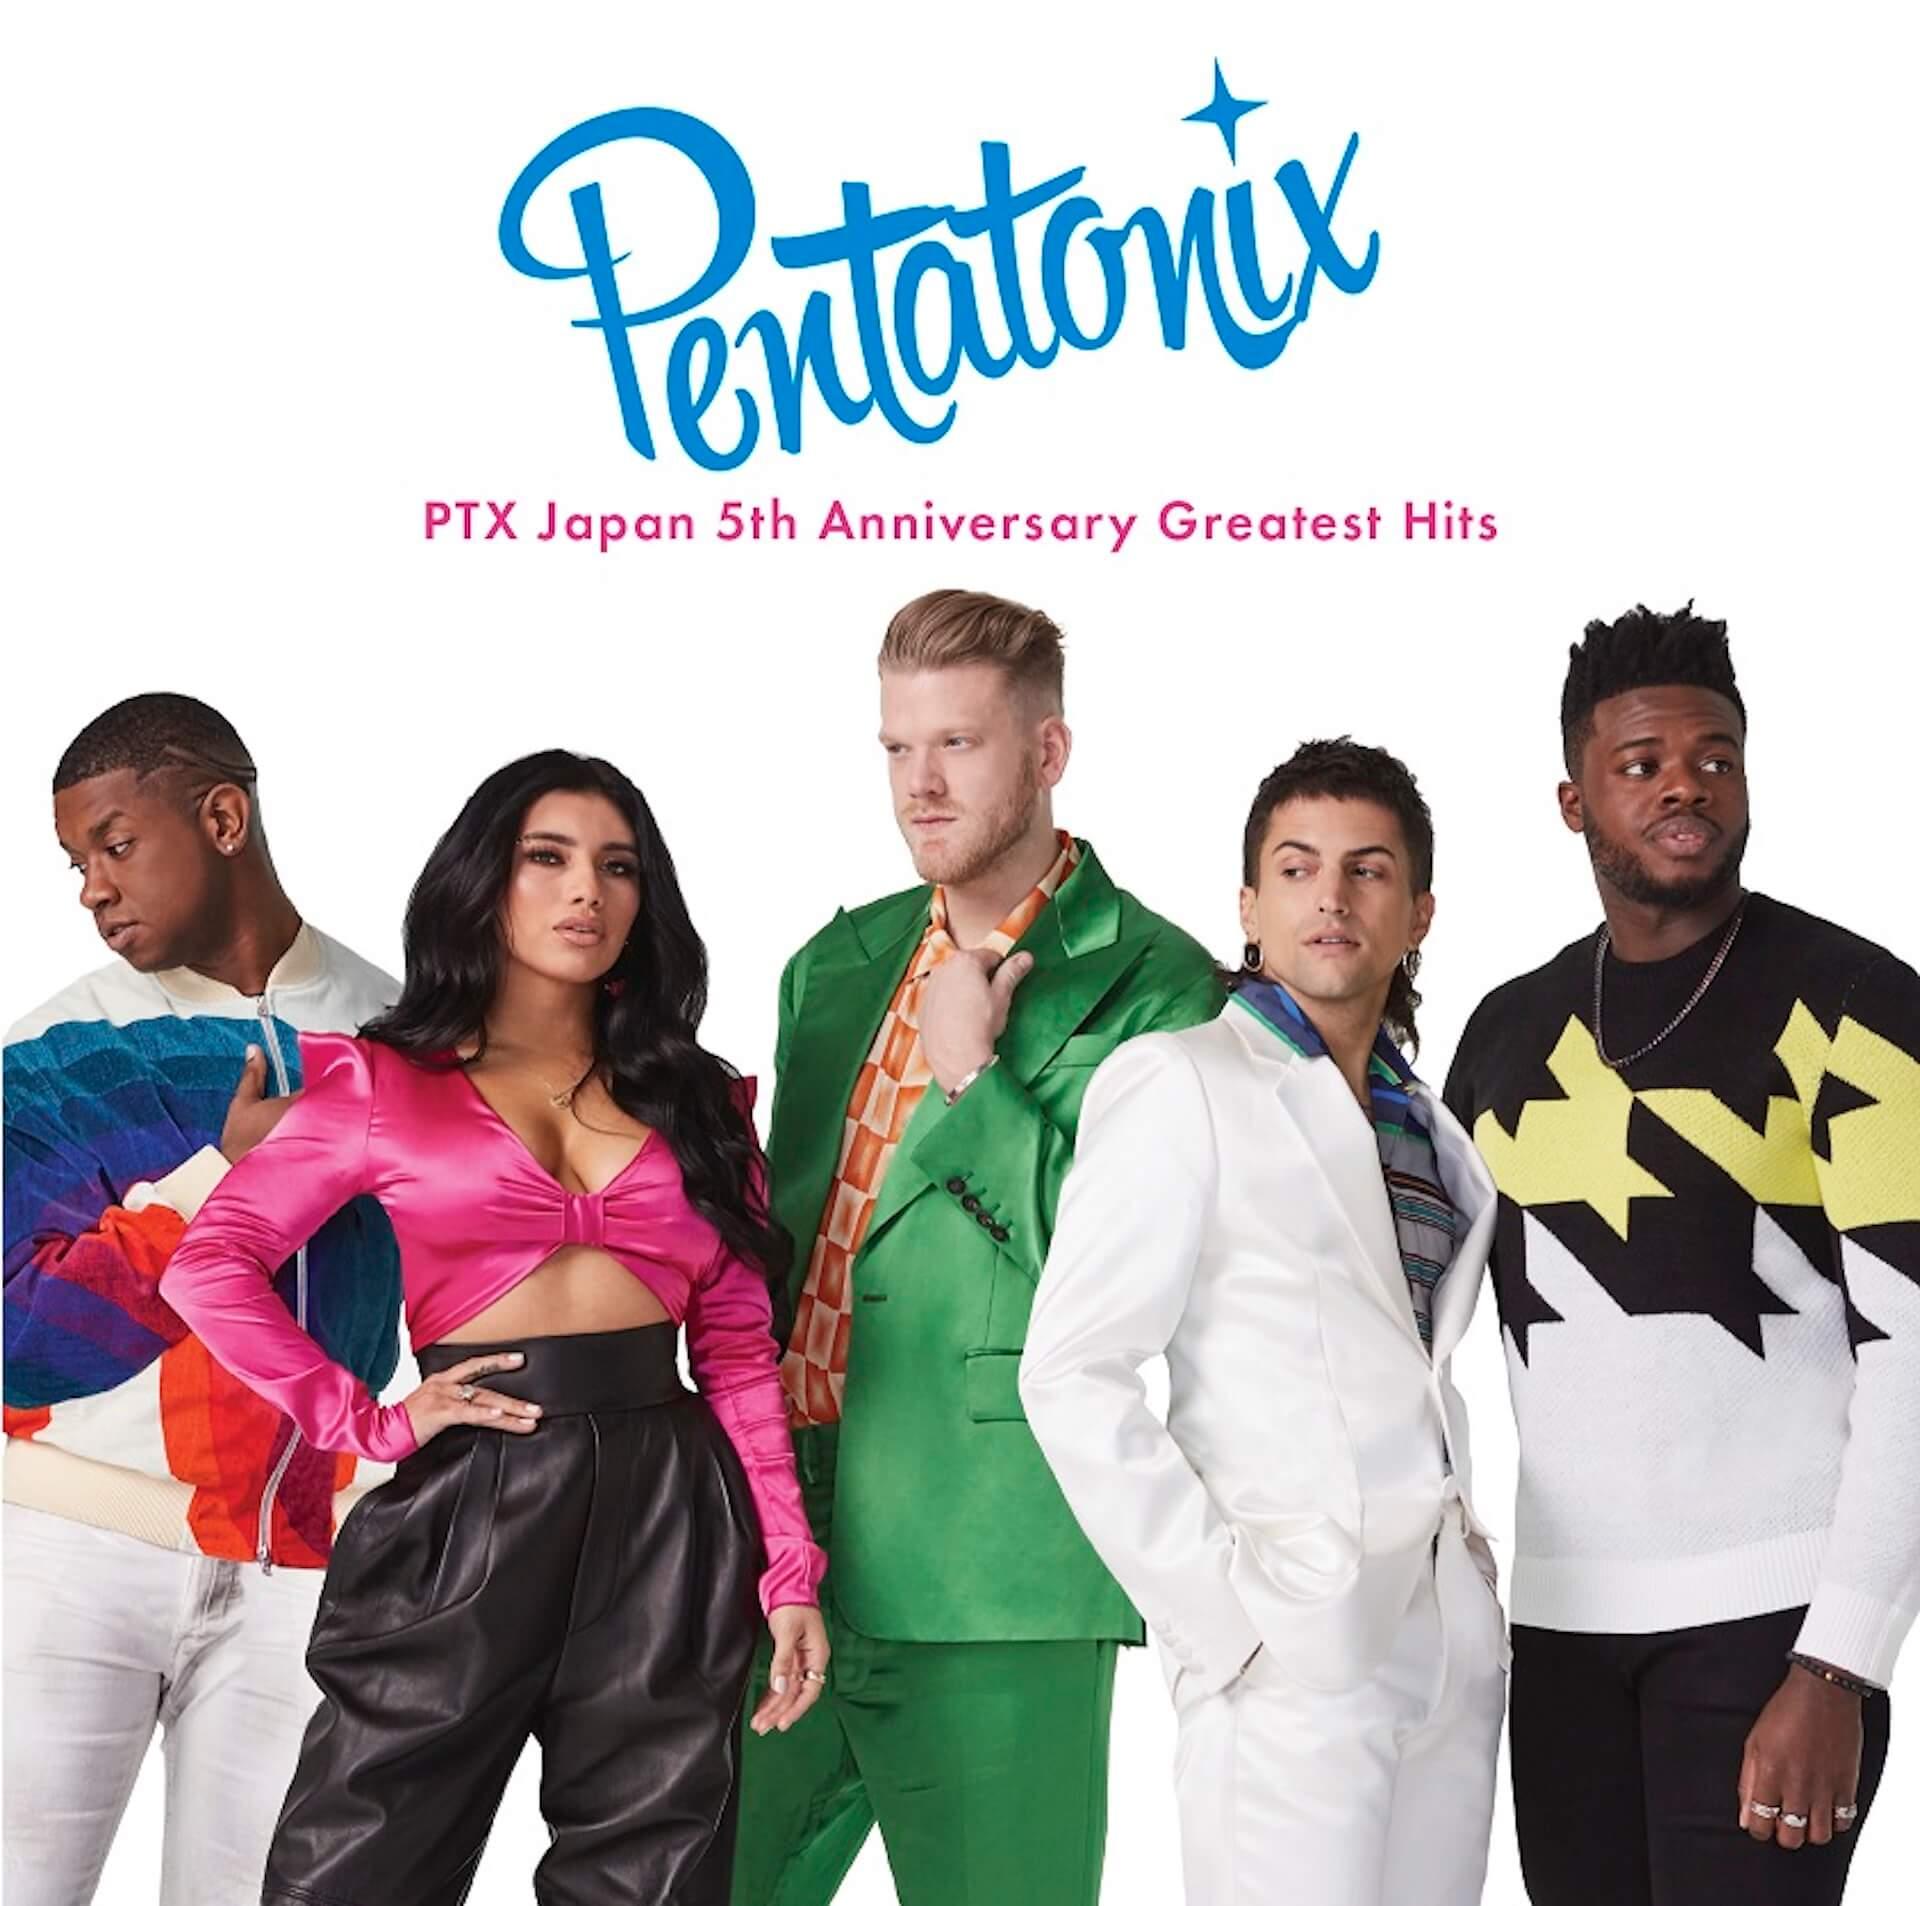 グラミー賞受賞のPentatonix、Official髭男dismの「Pretender」を世界初カバー!4年振りのプロモーション来日決定 music191025_pentatonix_higedan_2